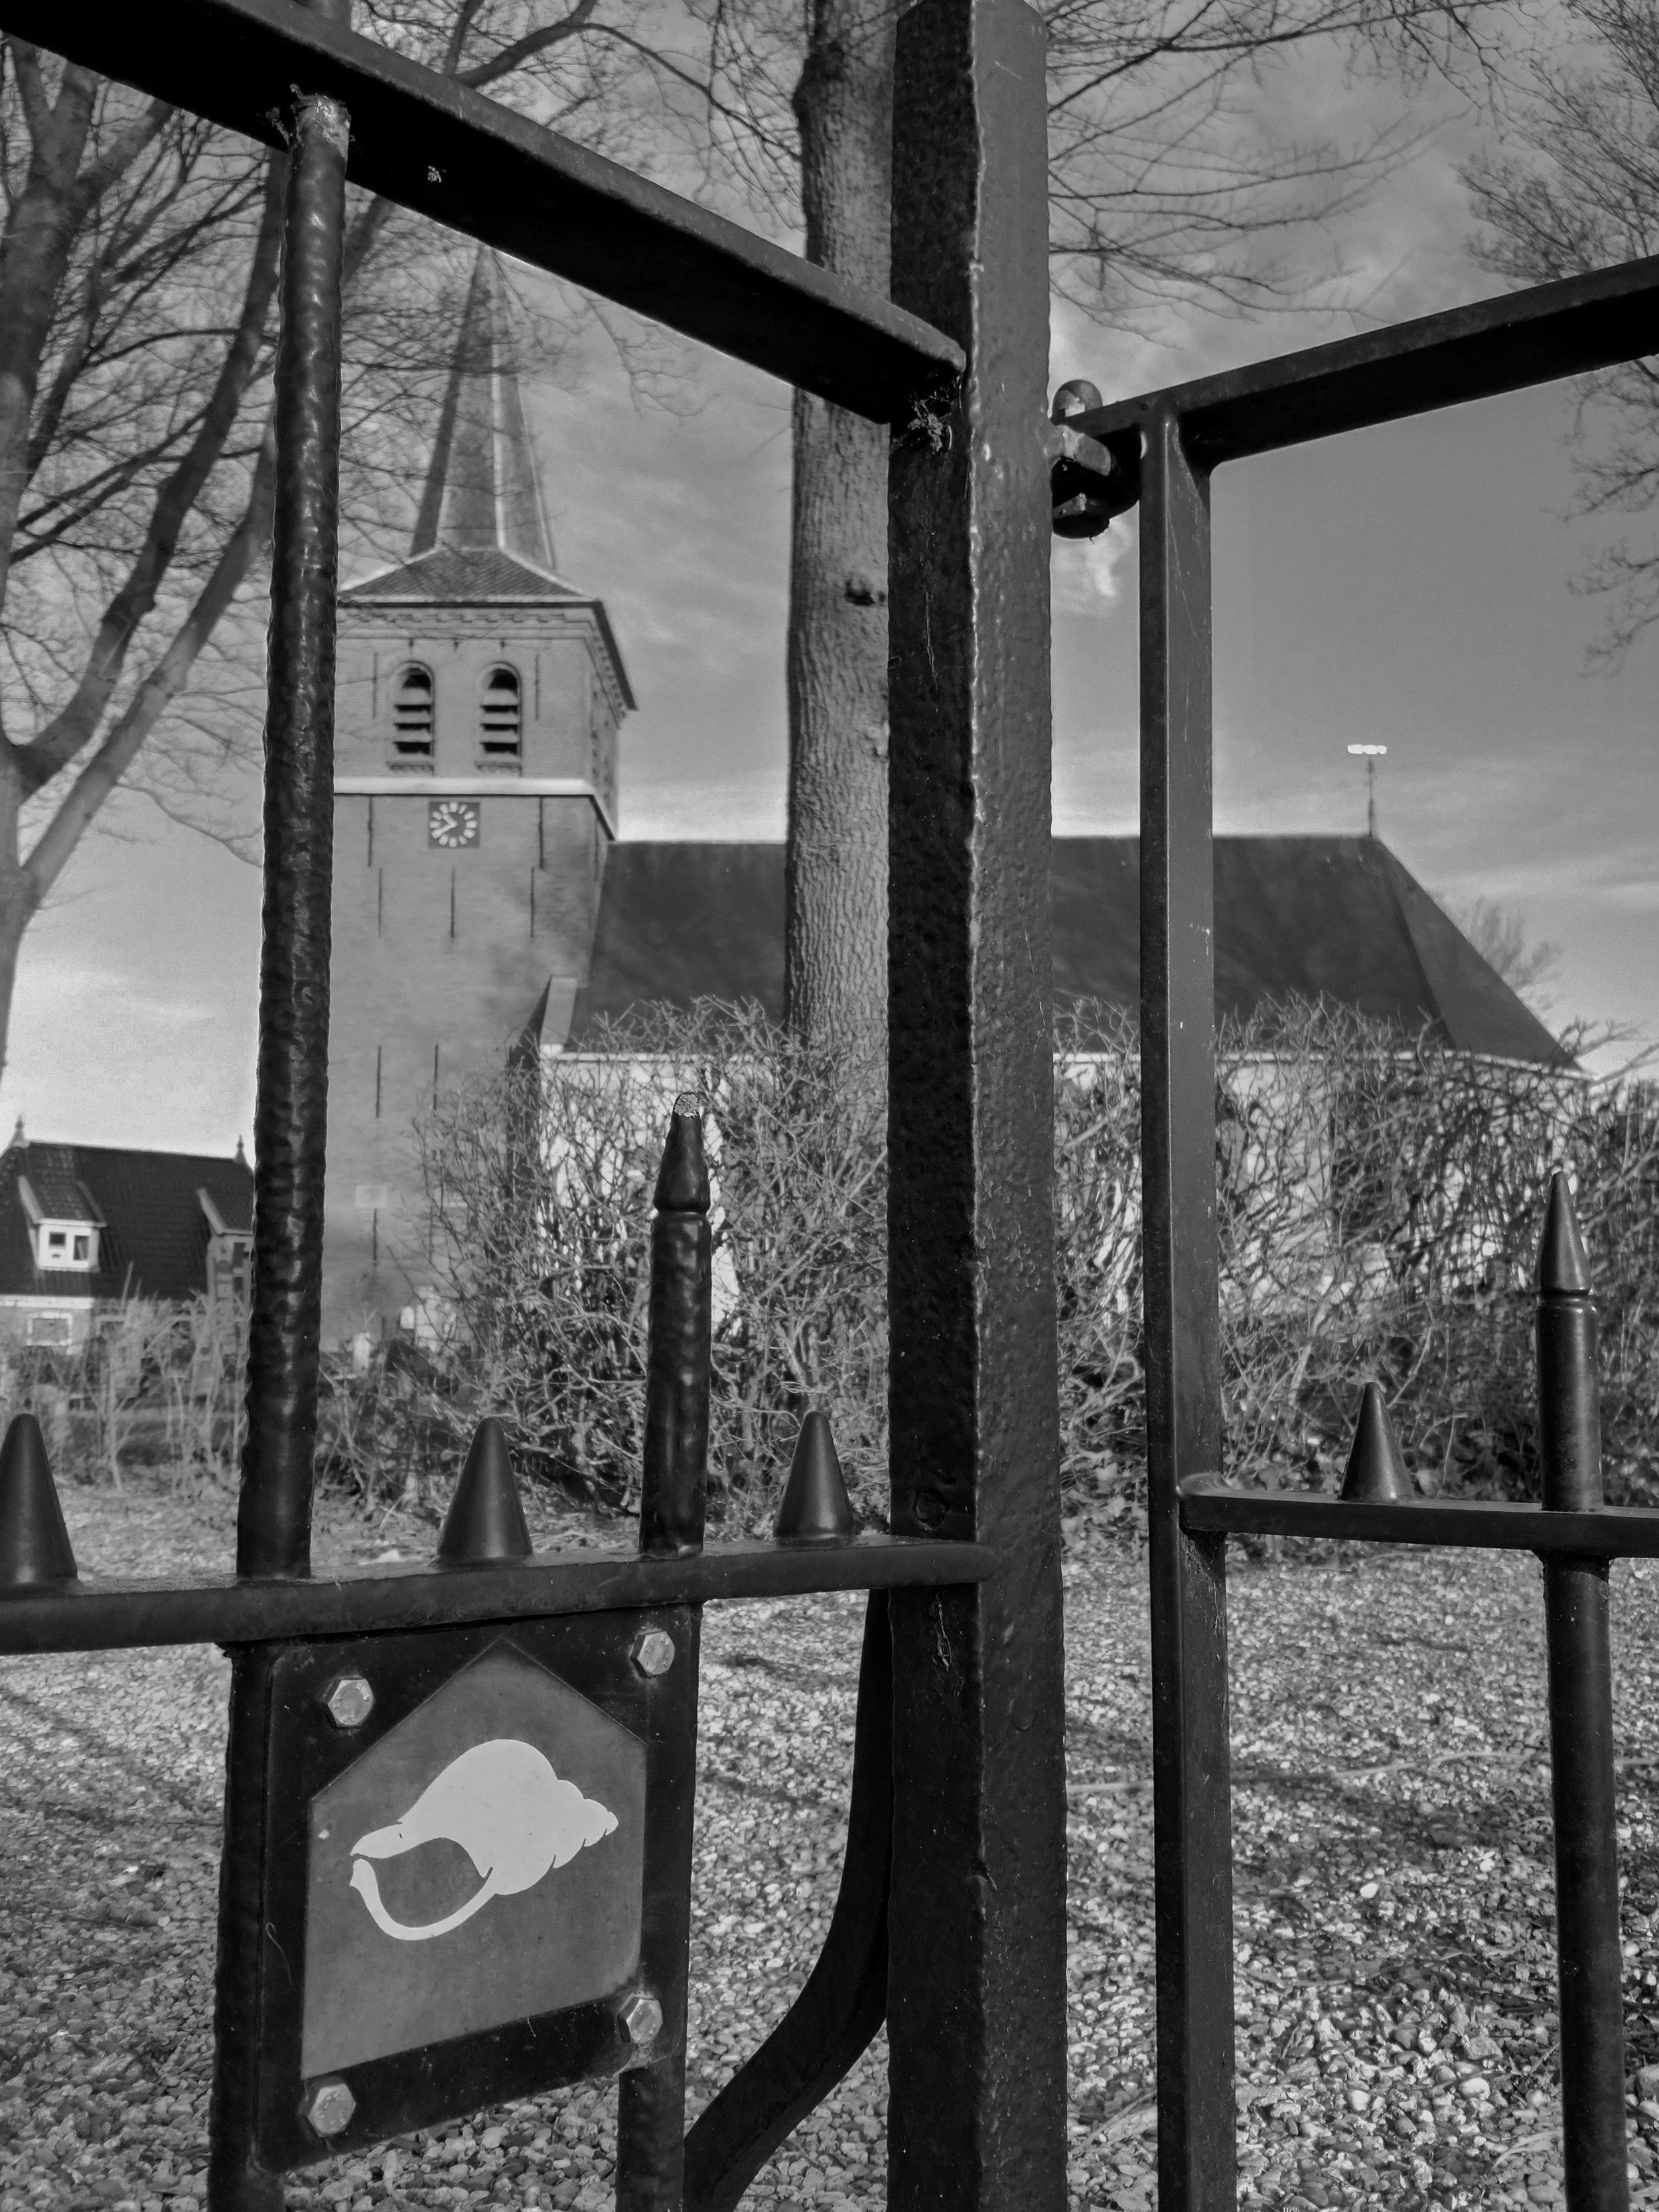 Ried kerk